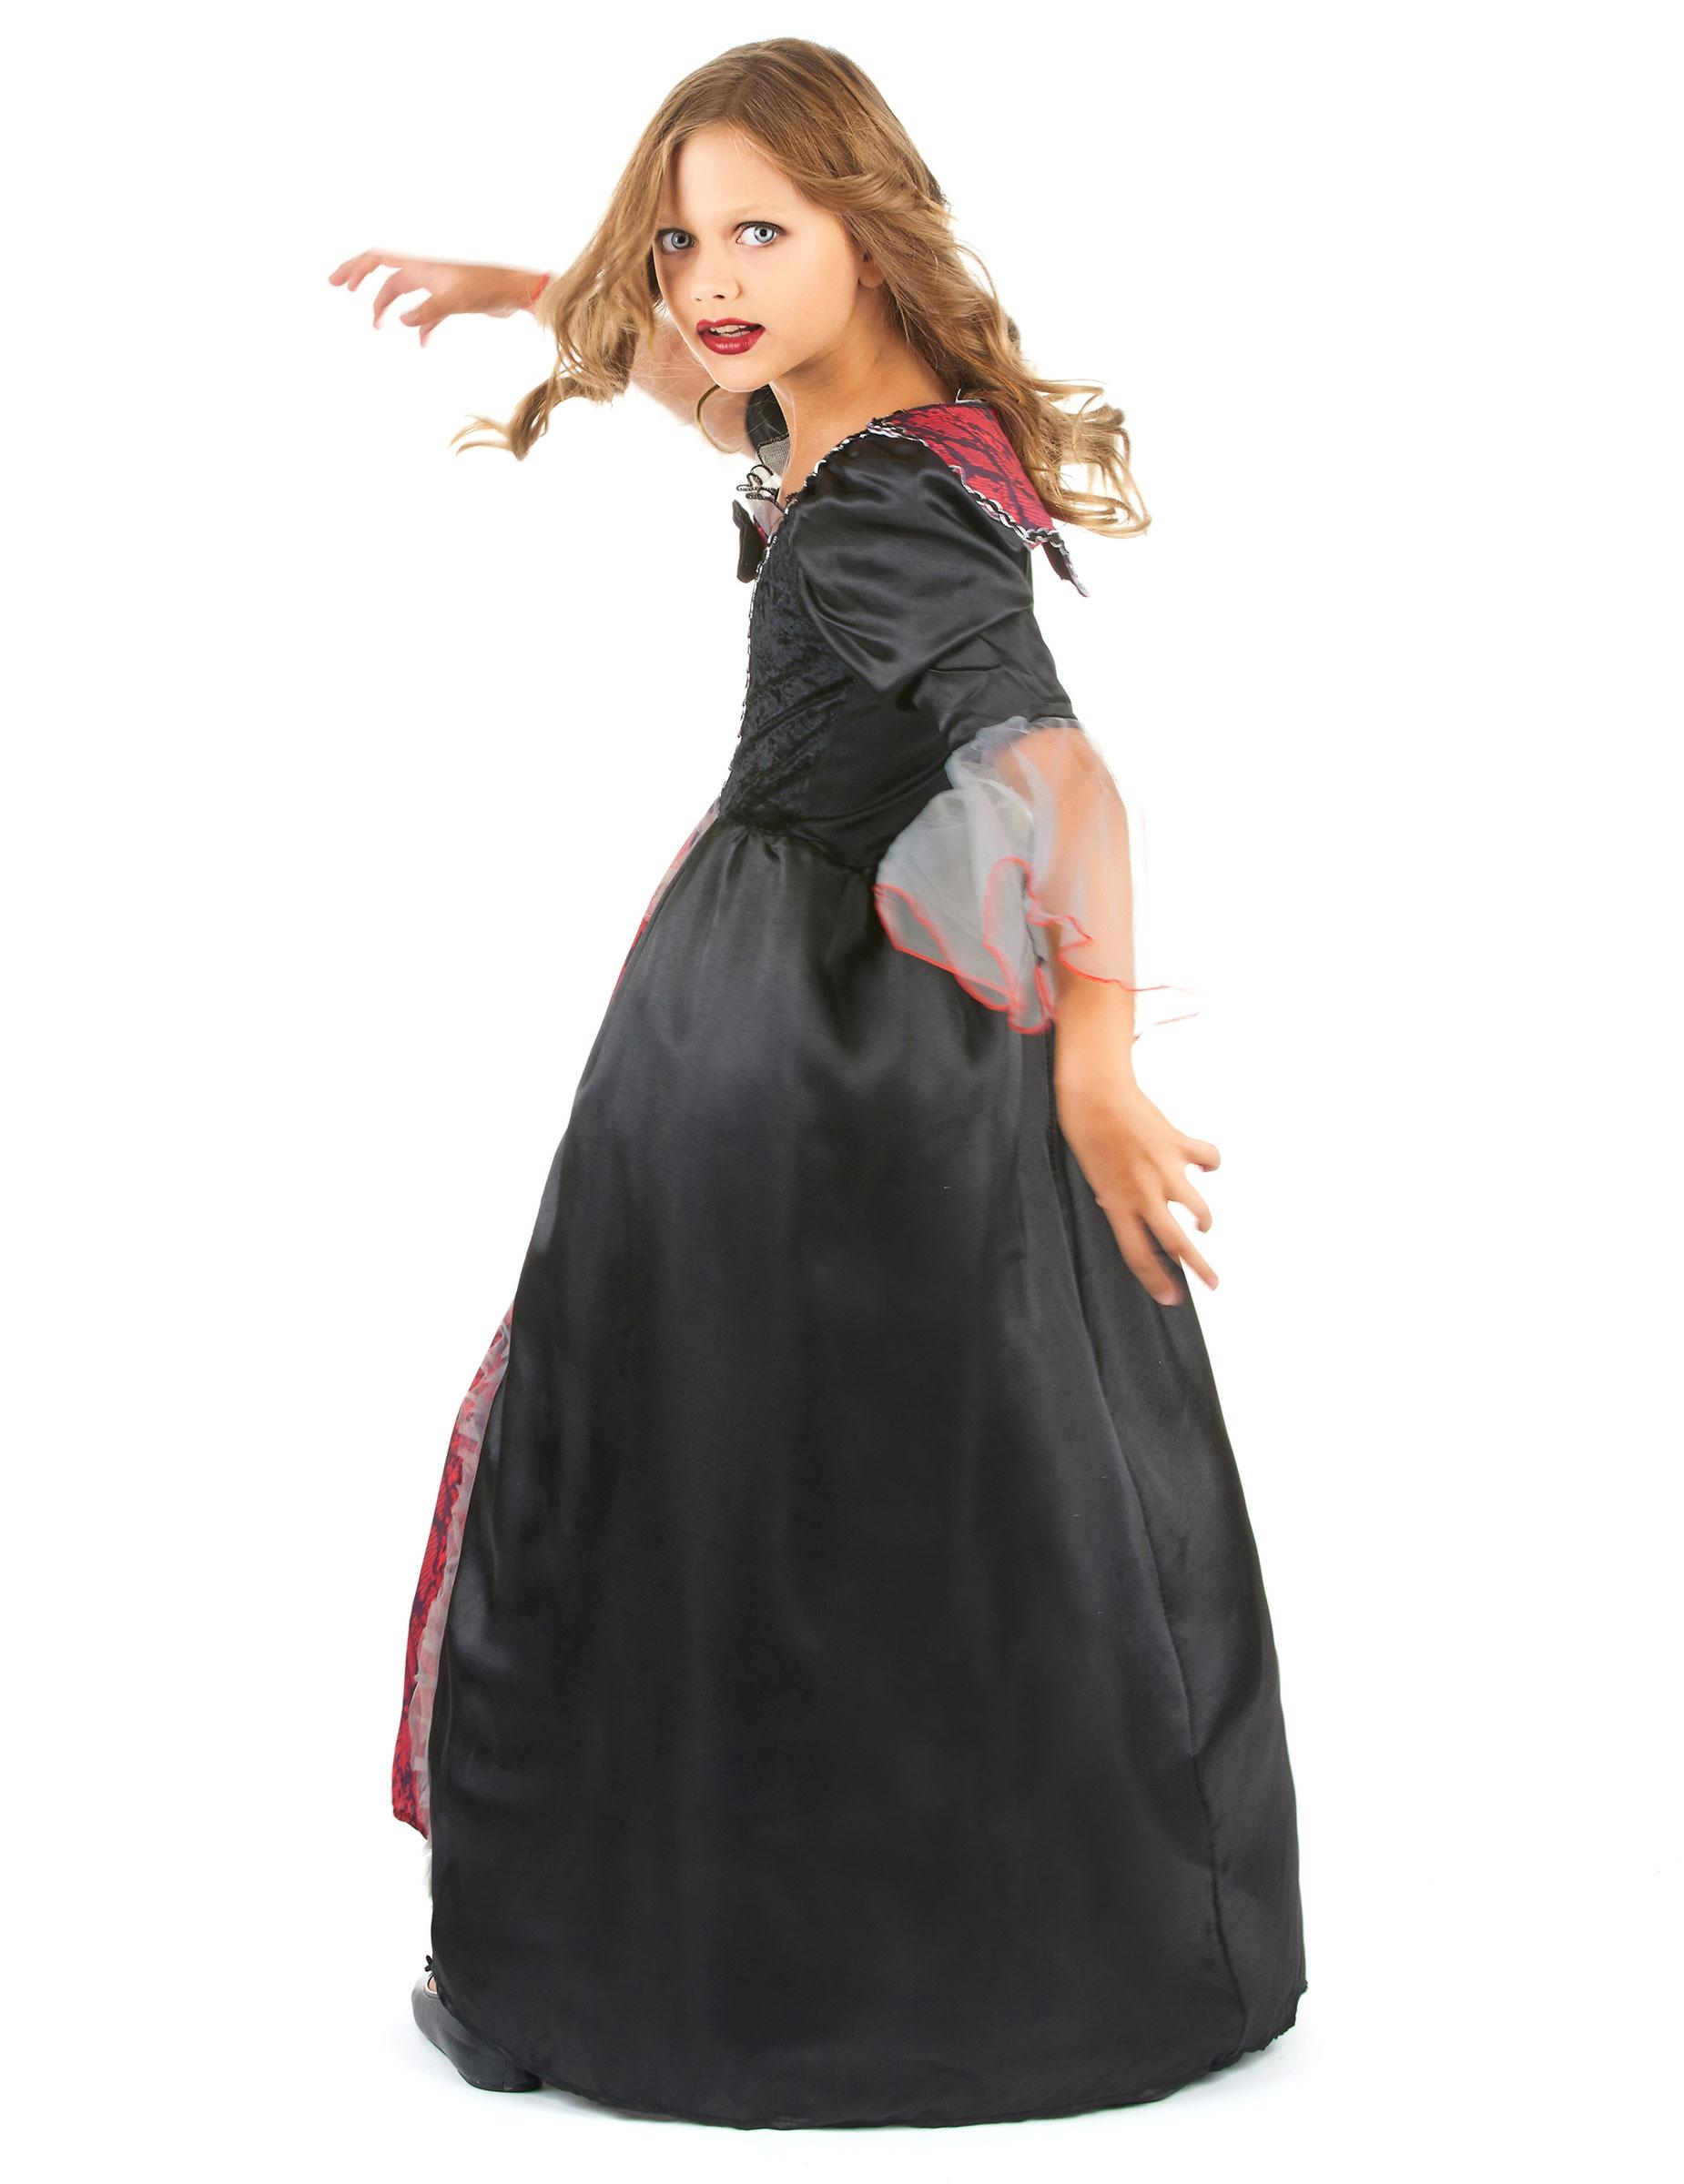 Rood en zwart vampierskostuum voor meisjes - Eetkamer rood en zwart ...